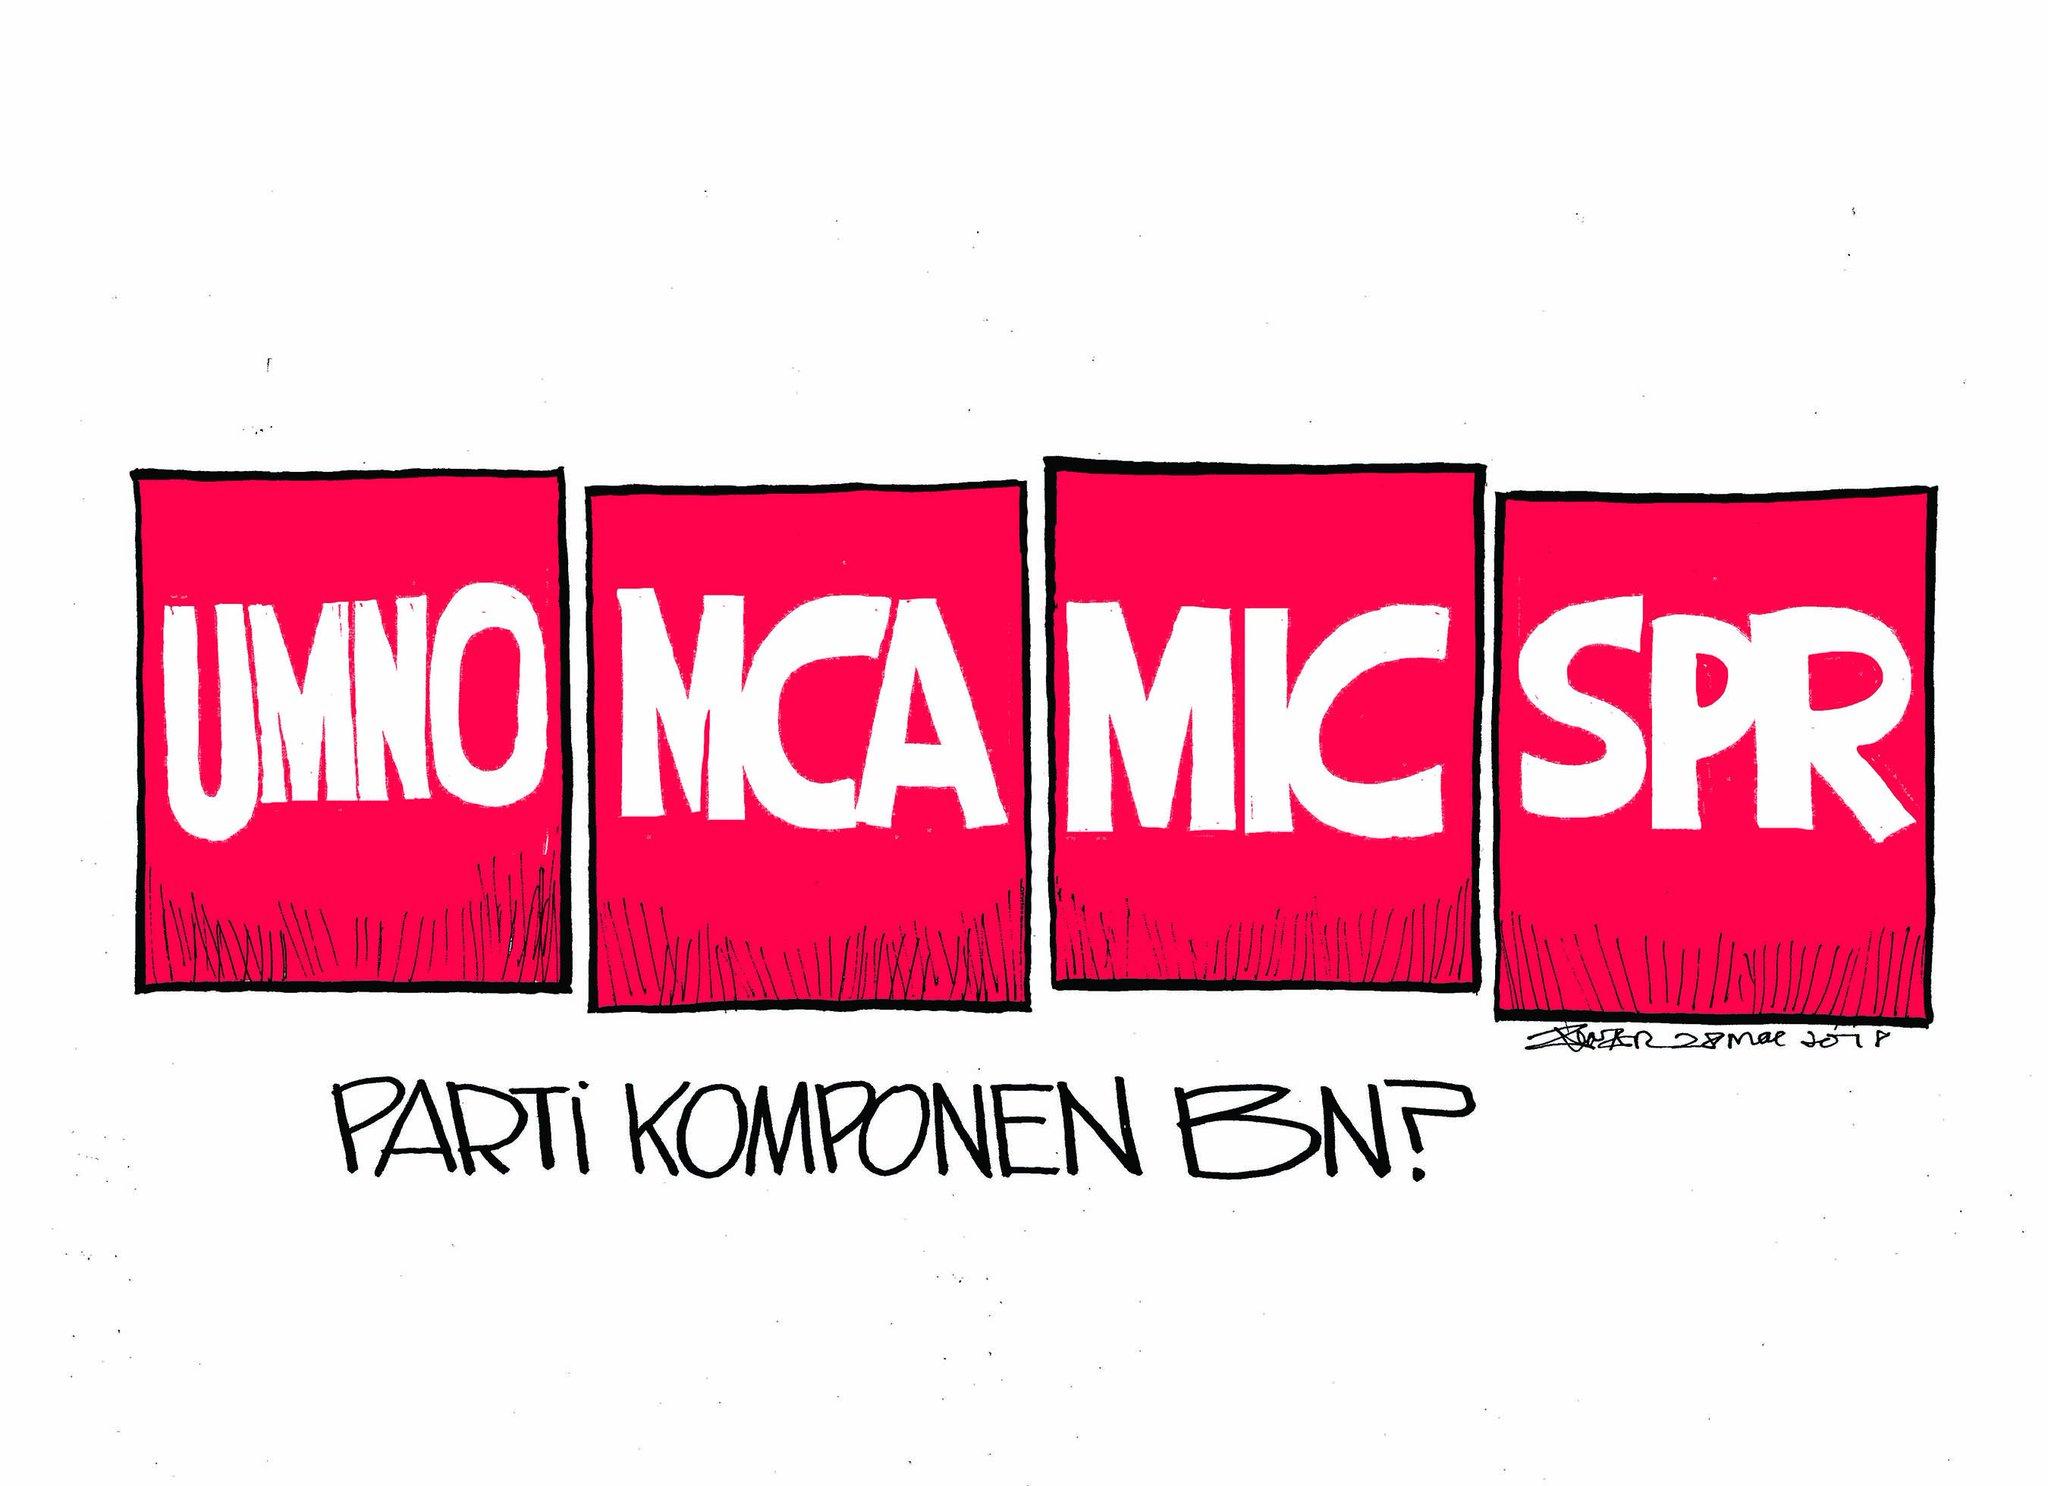 KARTUN UNTUK RAKYAT... Please share Cartoon ini Copyright Free hingga BN dijatuhkan! https://t.co/Fmvgxd6TMa